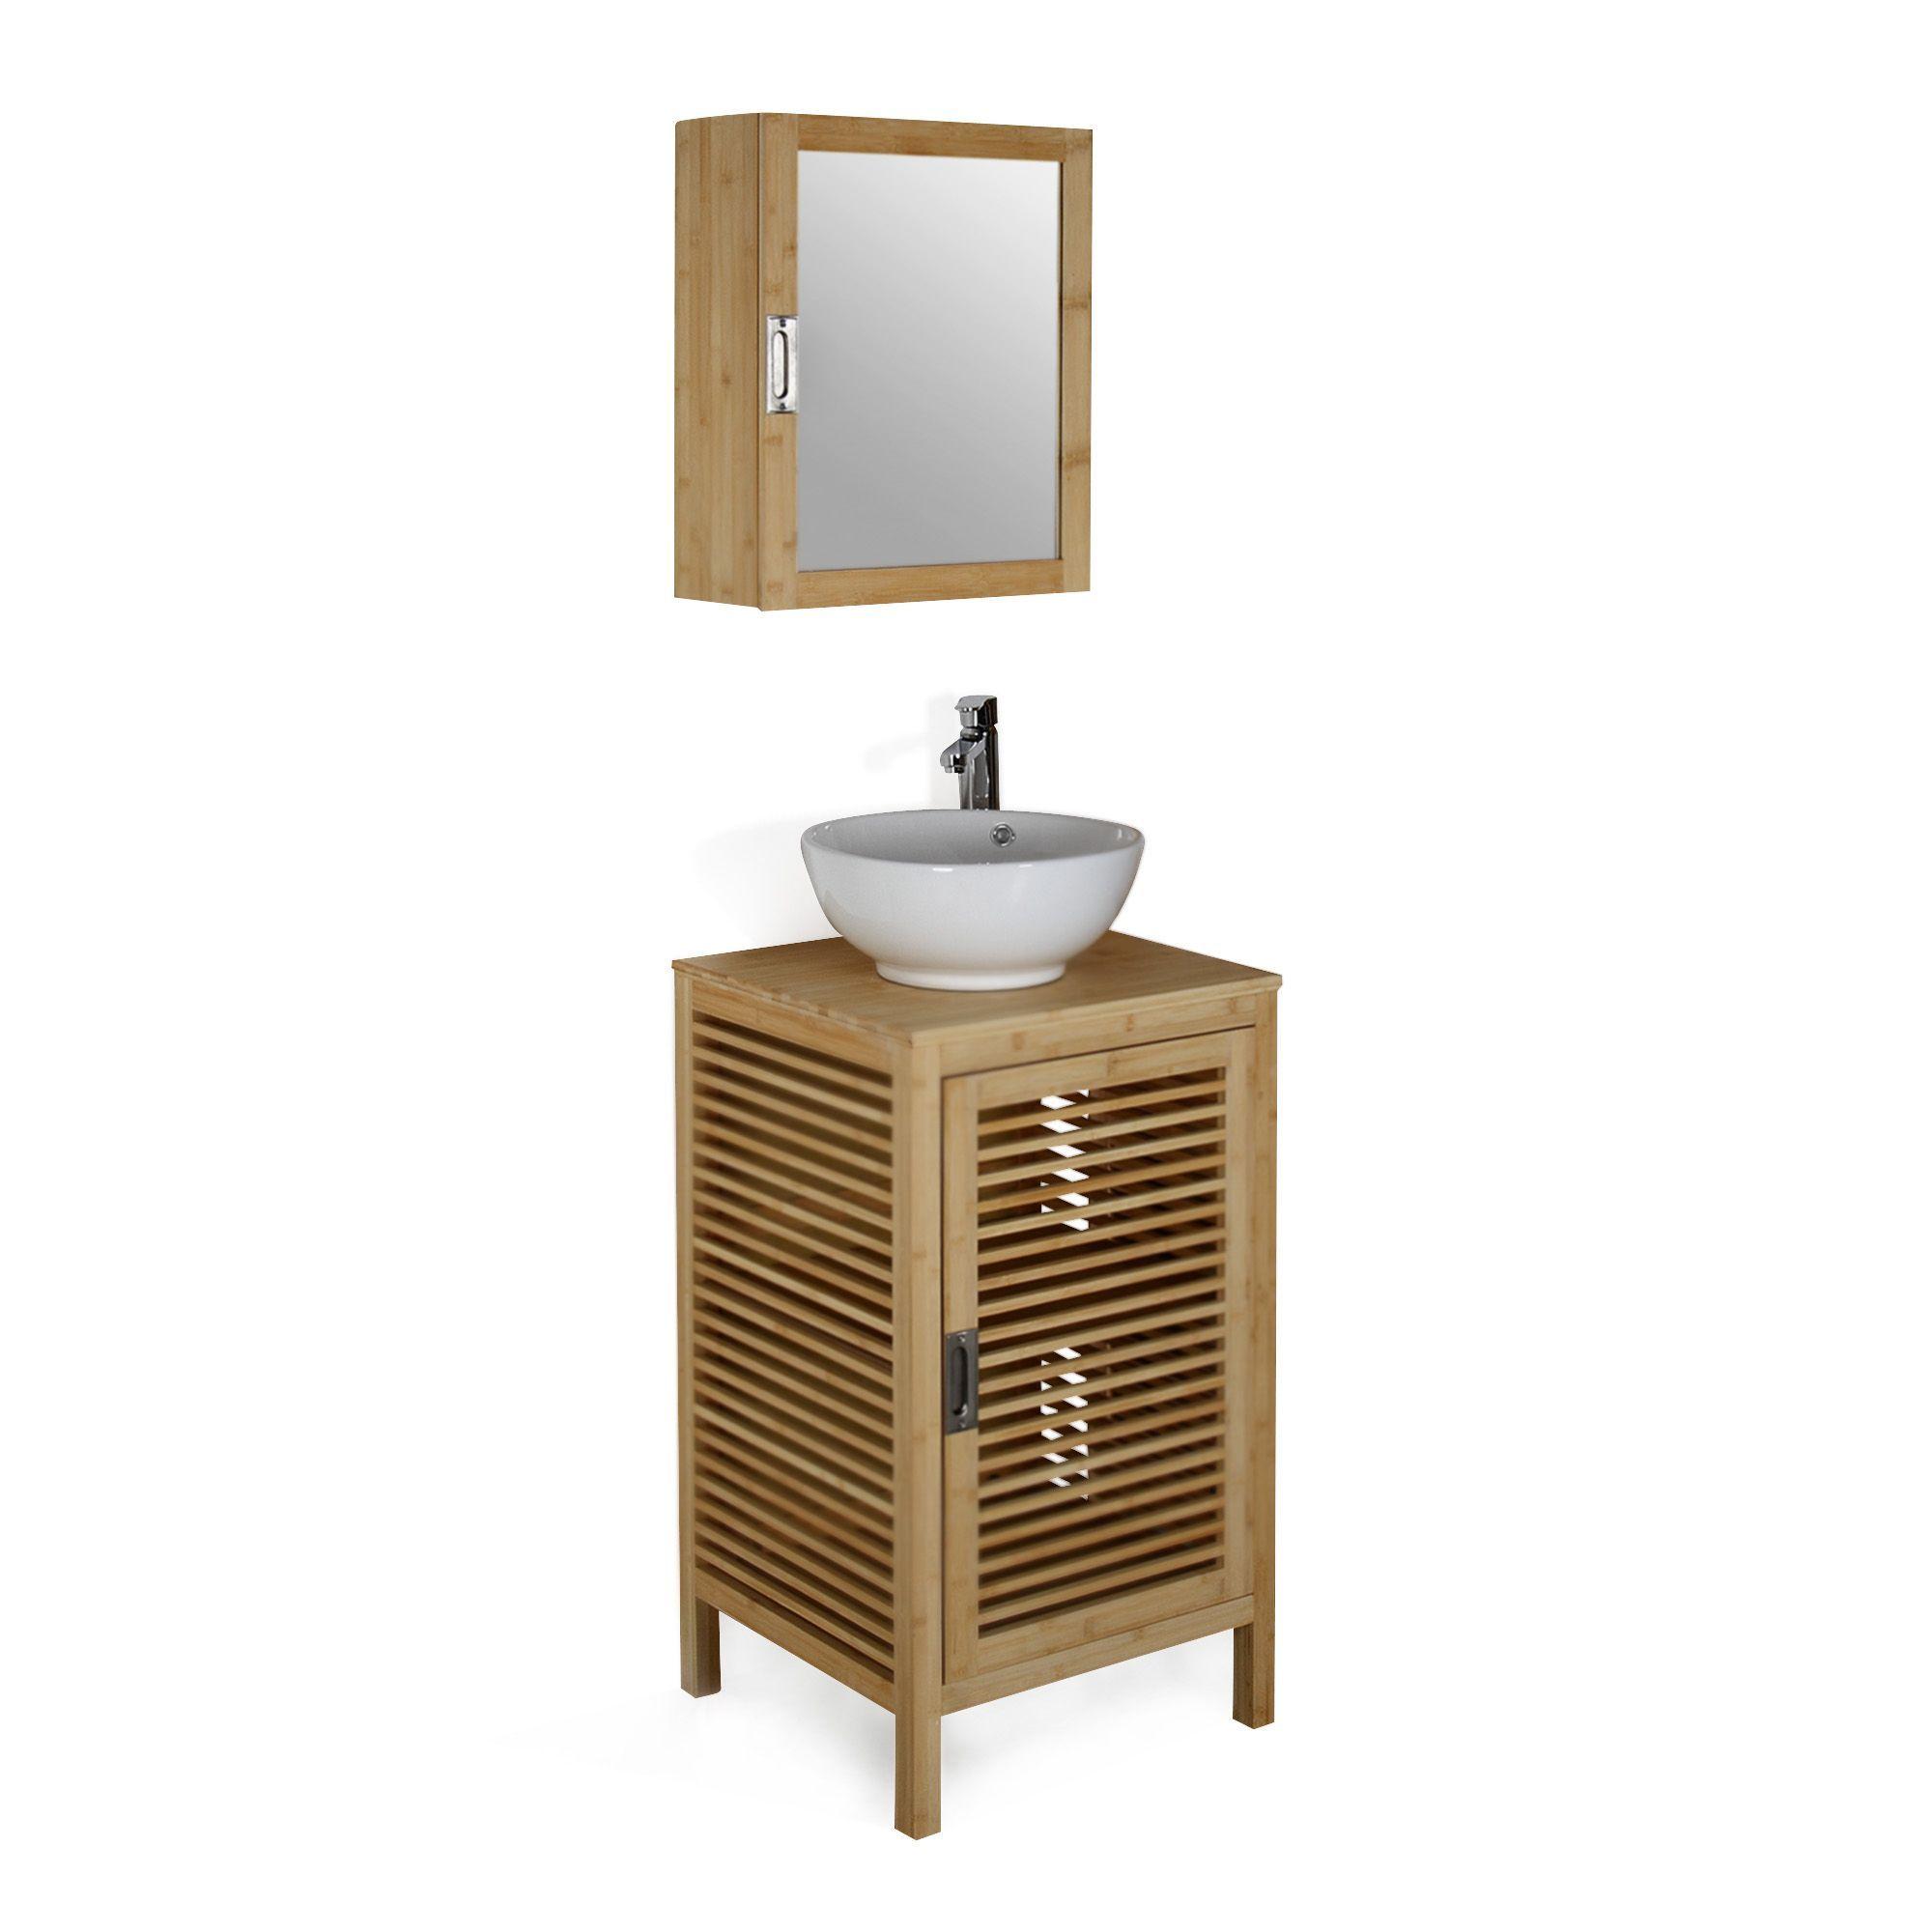 Meuble bas de salle de bains en bambou 50cm Nature Les